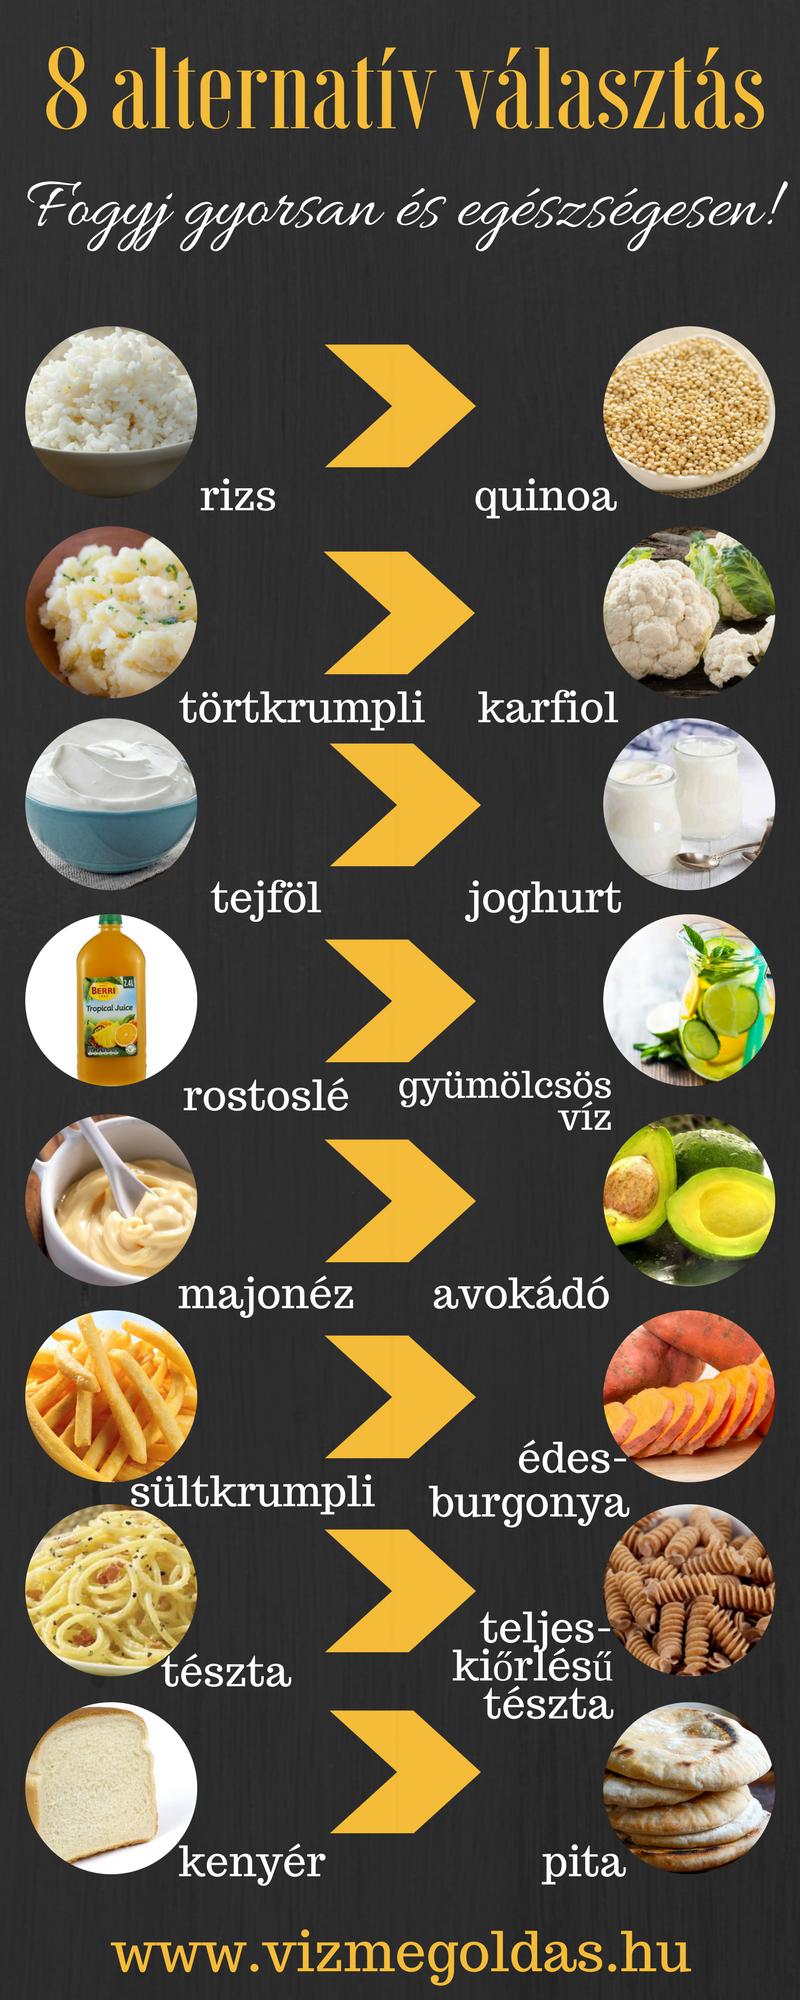 fogyókúra egészséges ételek)